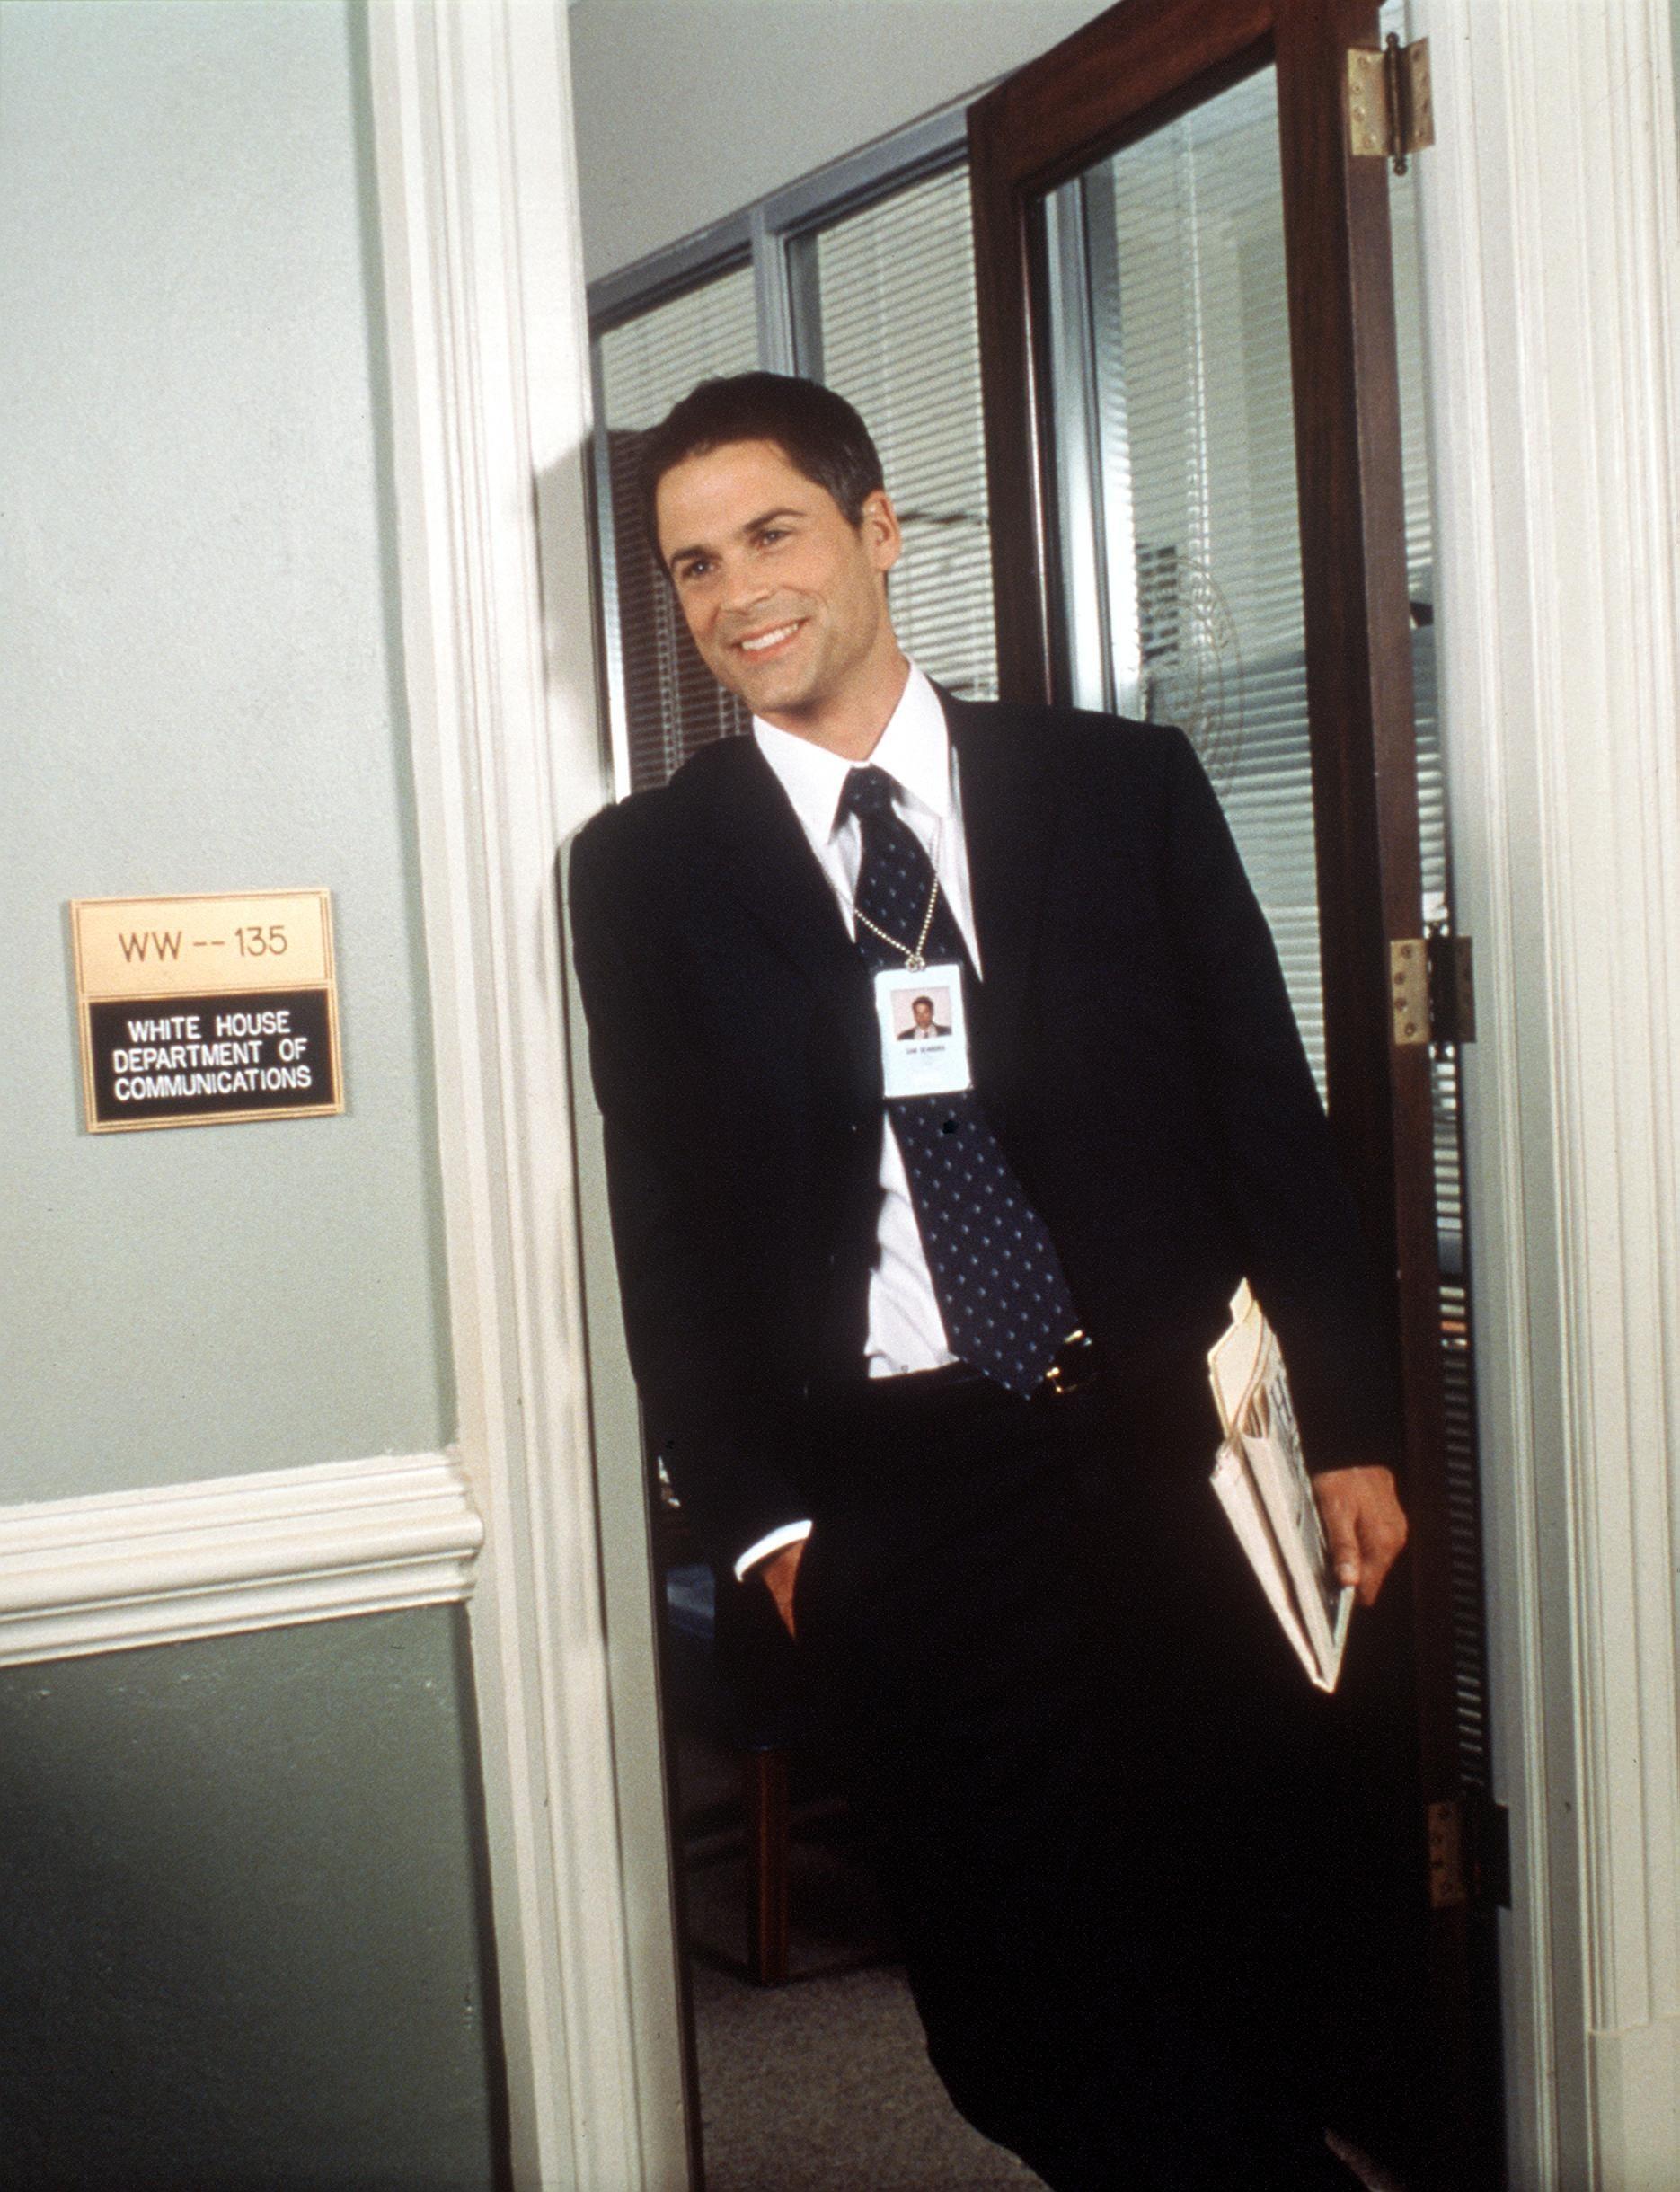 Rob Lowe in a door